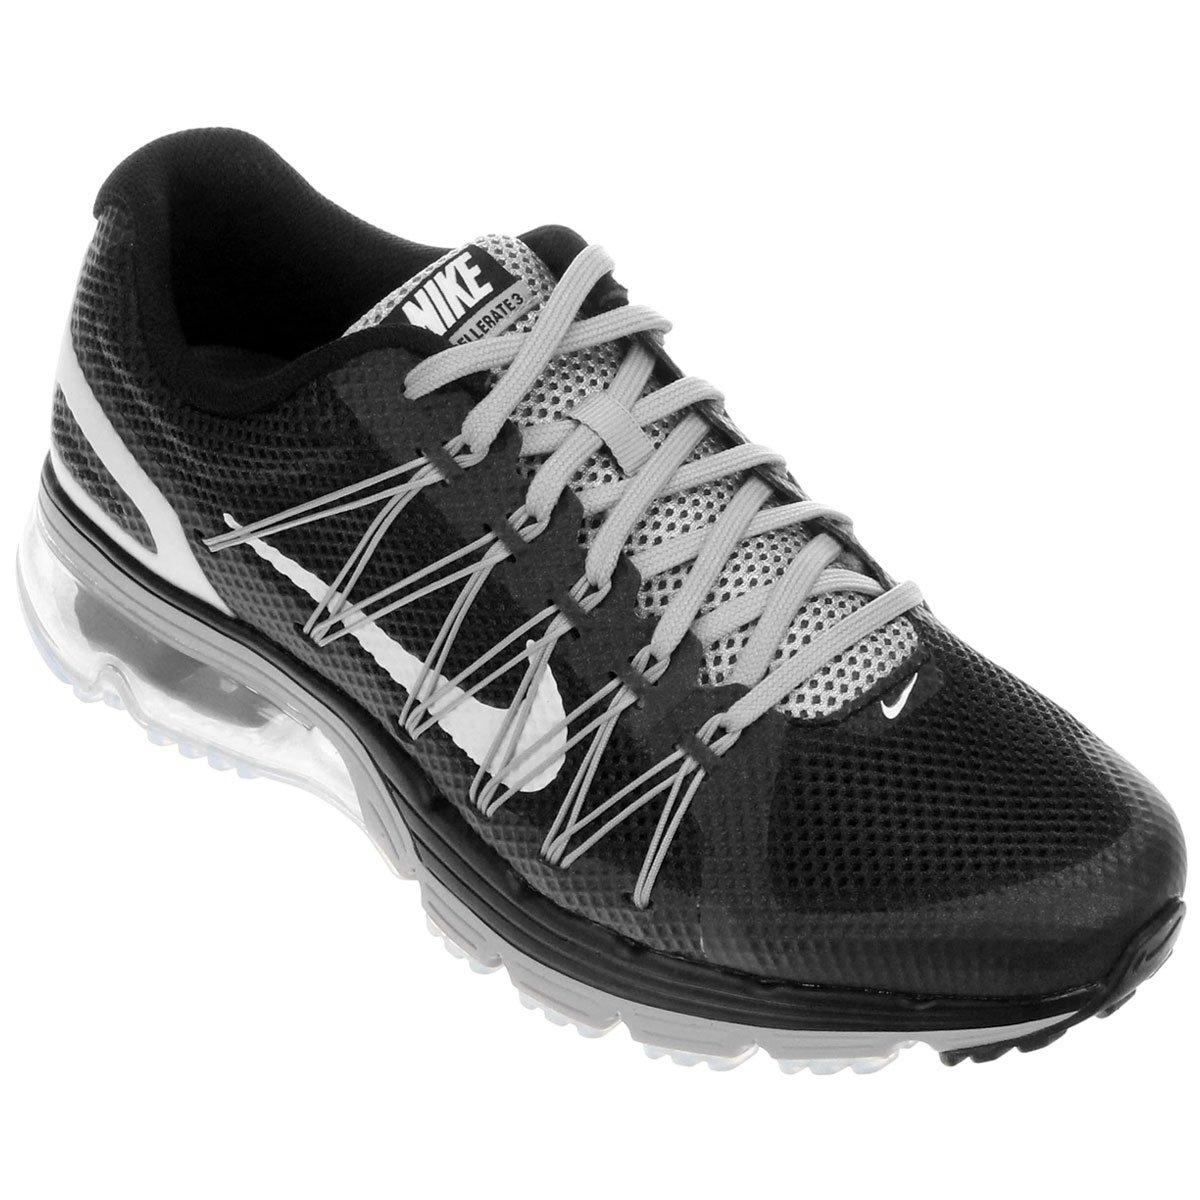 86da7270a2b Tênis Nike Air Max Excellerate 3 Masculino - Preto+Prata. R  329